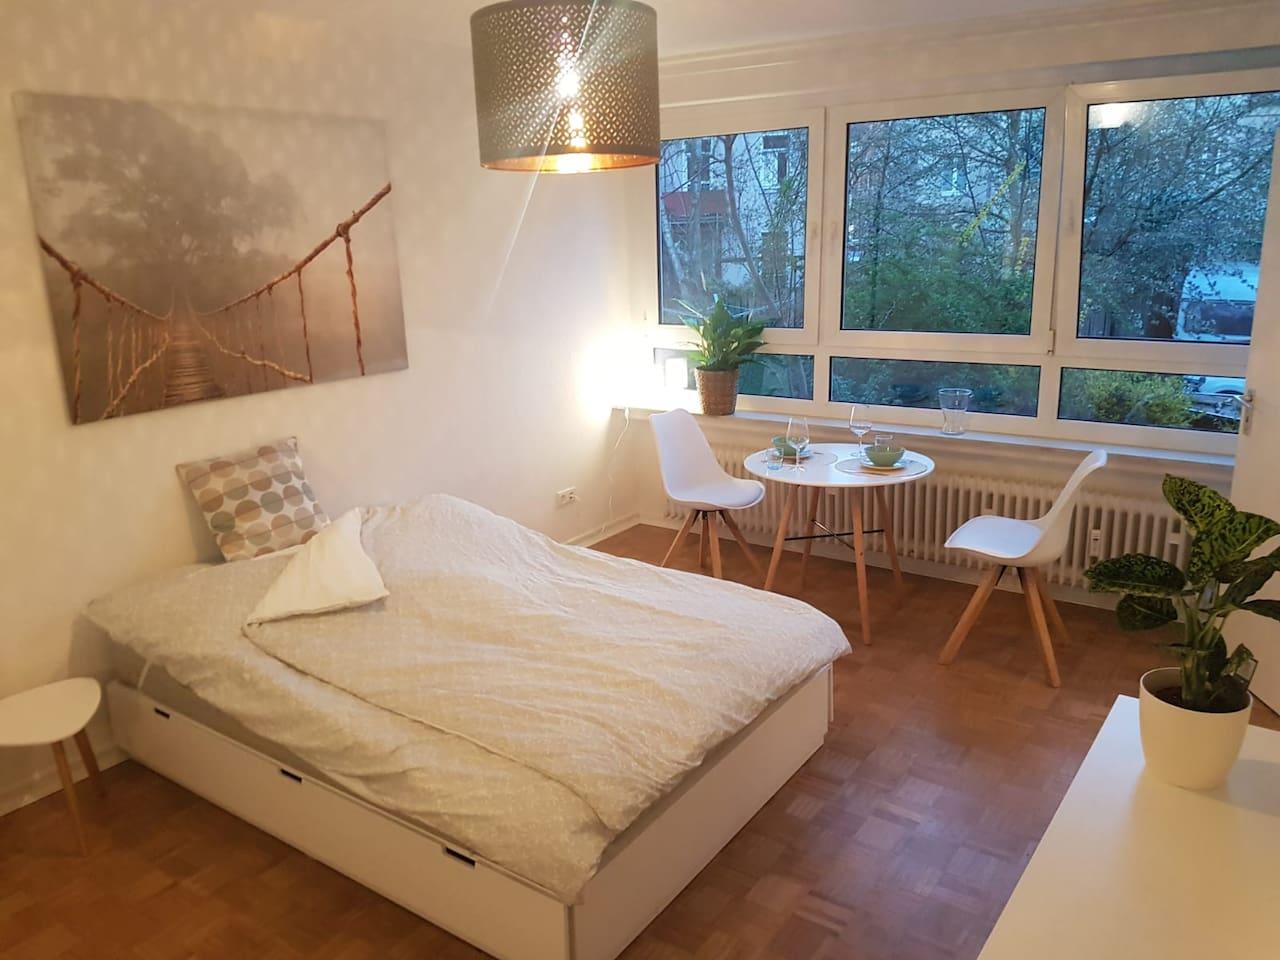 Großer Wohn/Schlaf- und Essbereich mit Blick ins Grüne.  (140x200 Bett, Kleiderschrank und Essplatz)  Spacious living/sleeping and dining room with view into greenery.  (140x200 bed, closet and dining table)